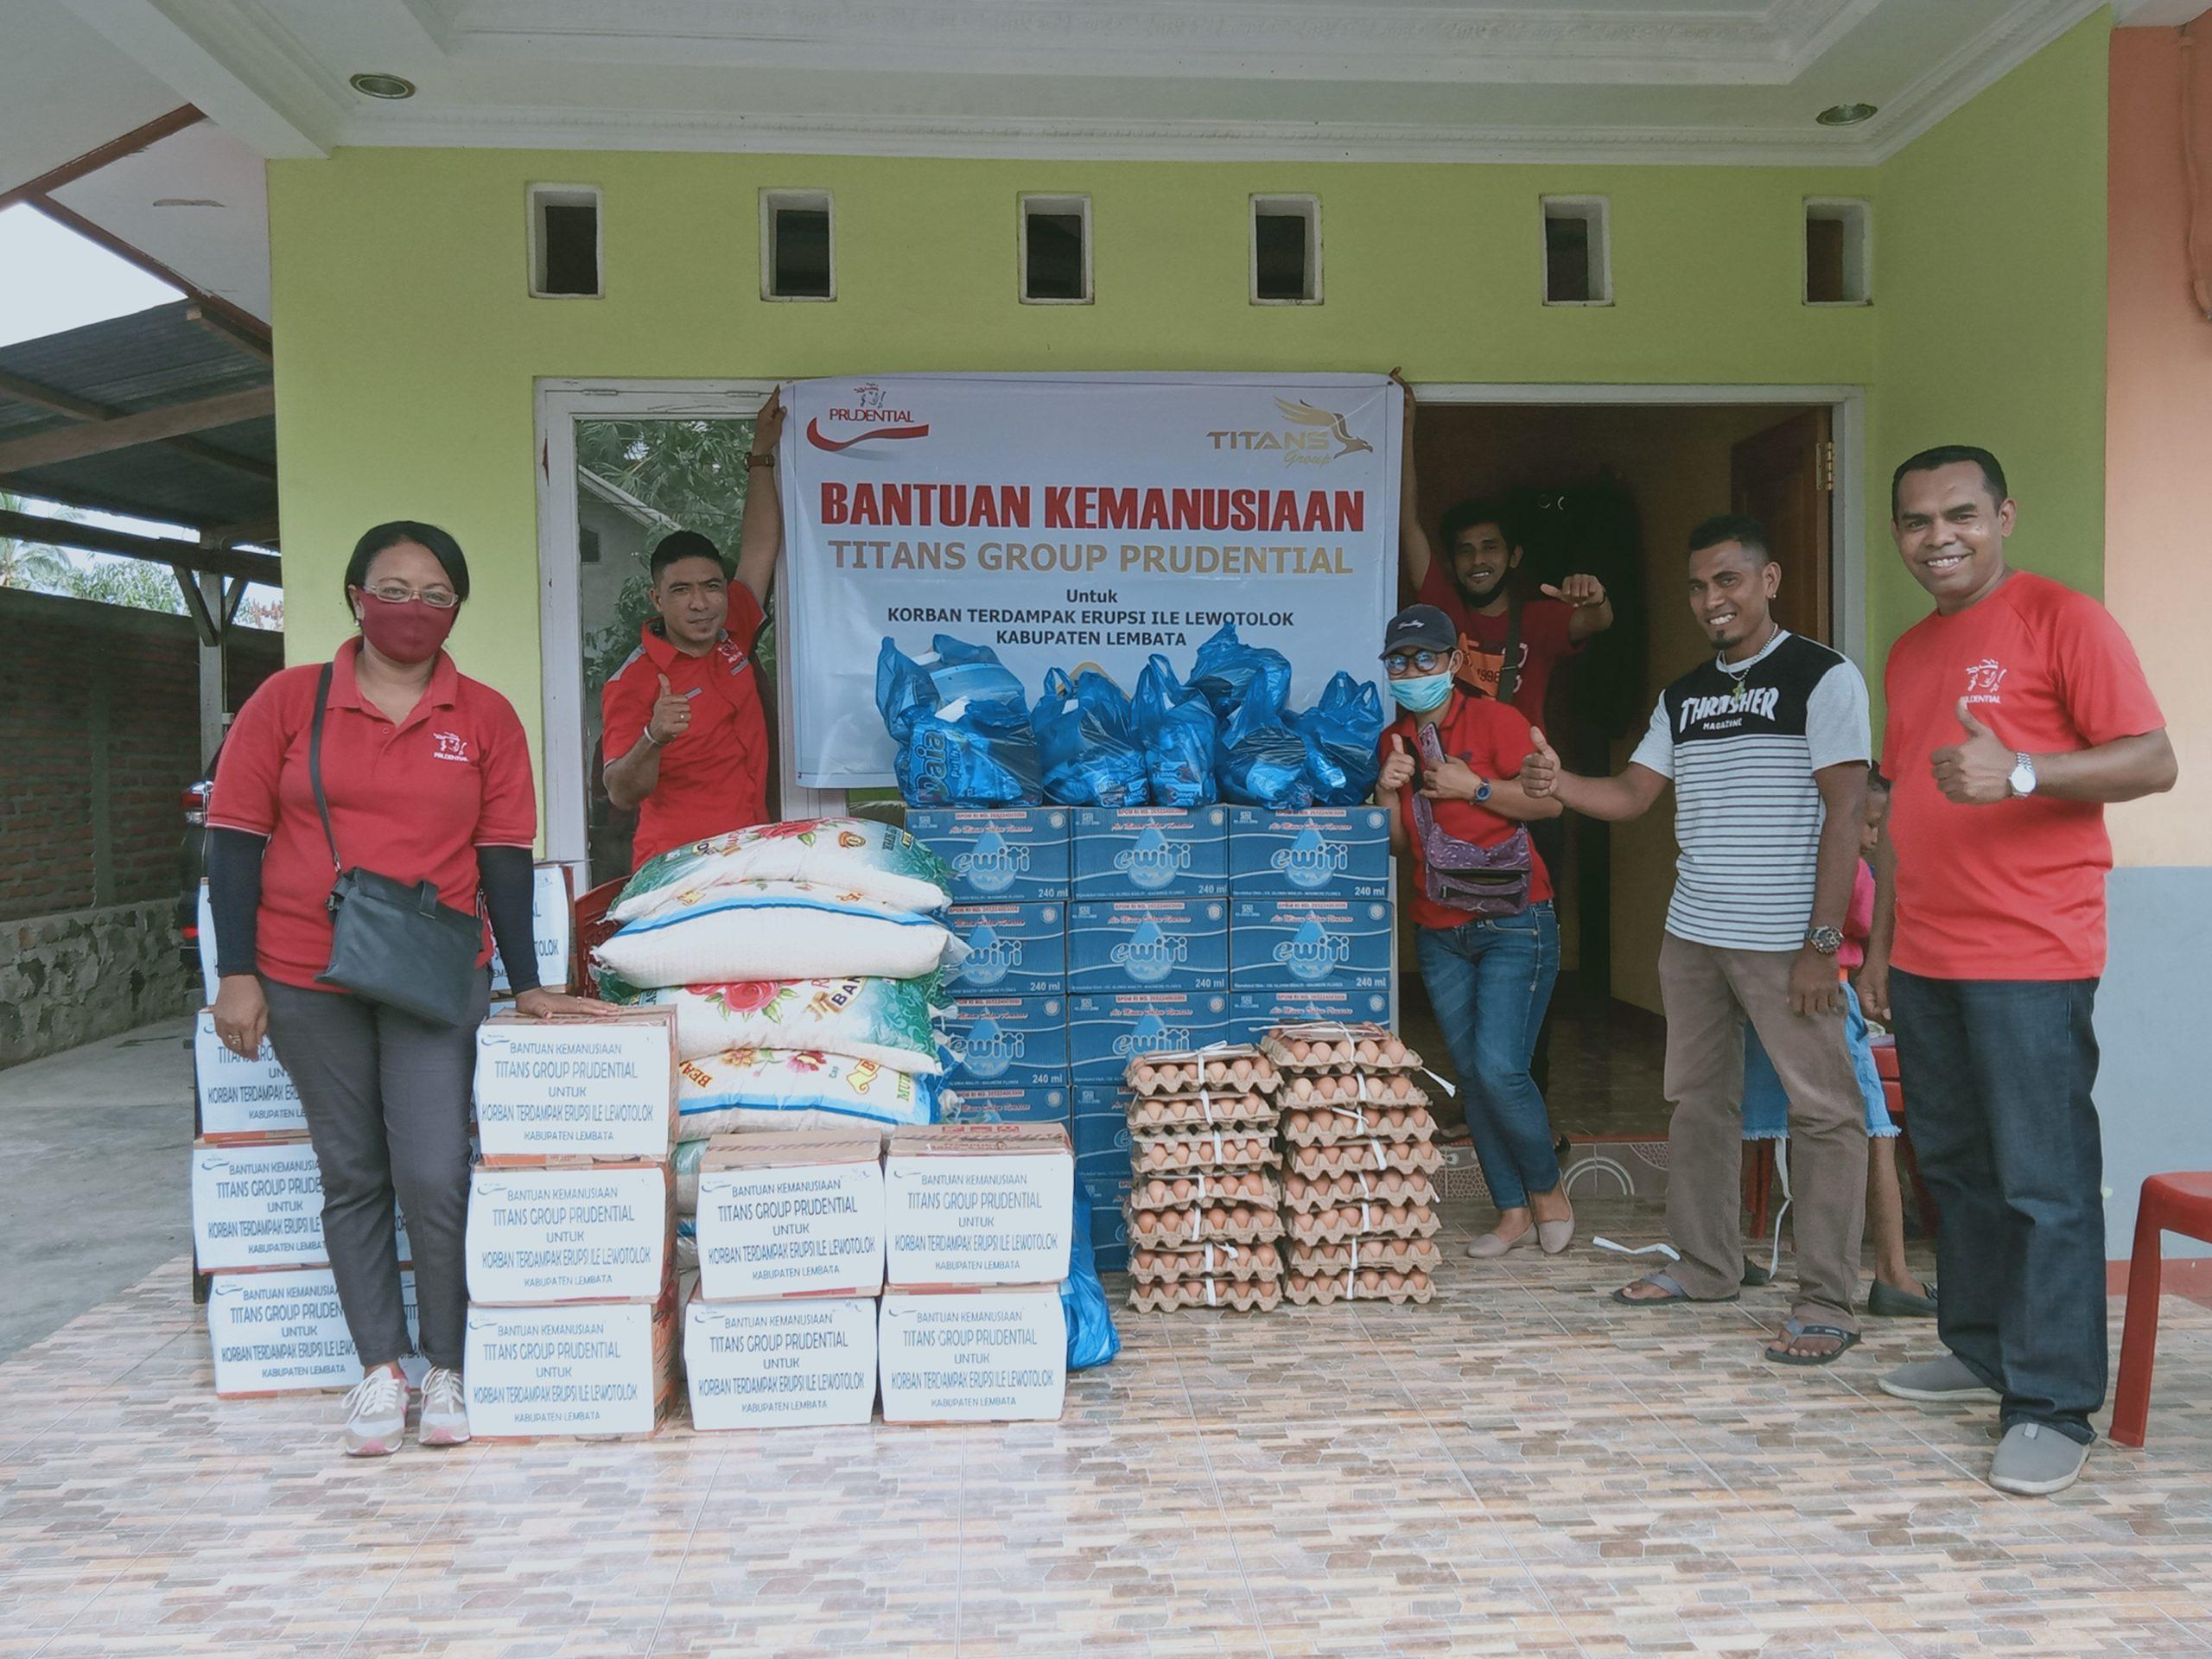 Titans Grup Pudential Lembata, Serahkan Bantuan Kemanusiaan Erupsi Gunung Ile Lewotolok